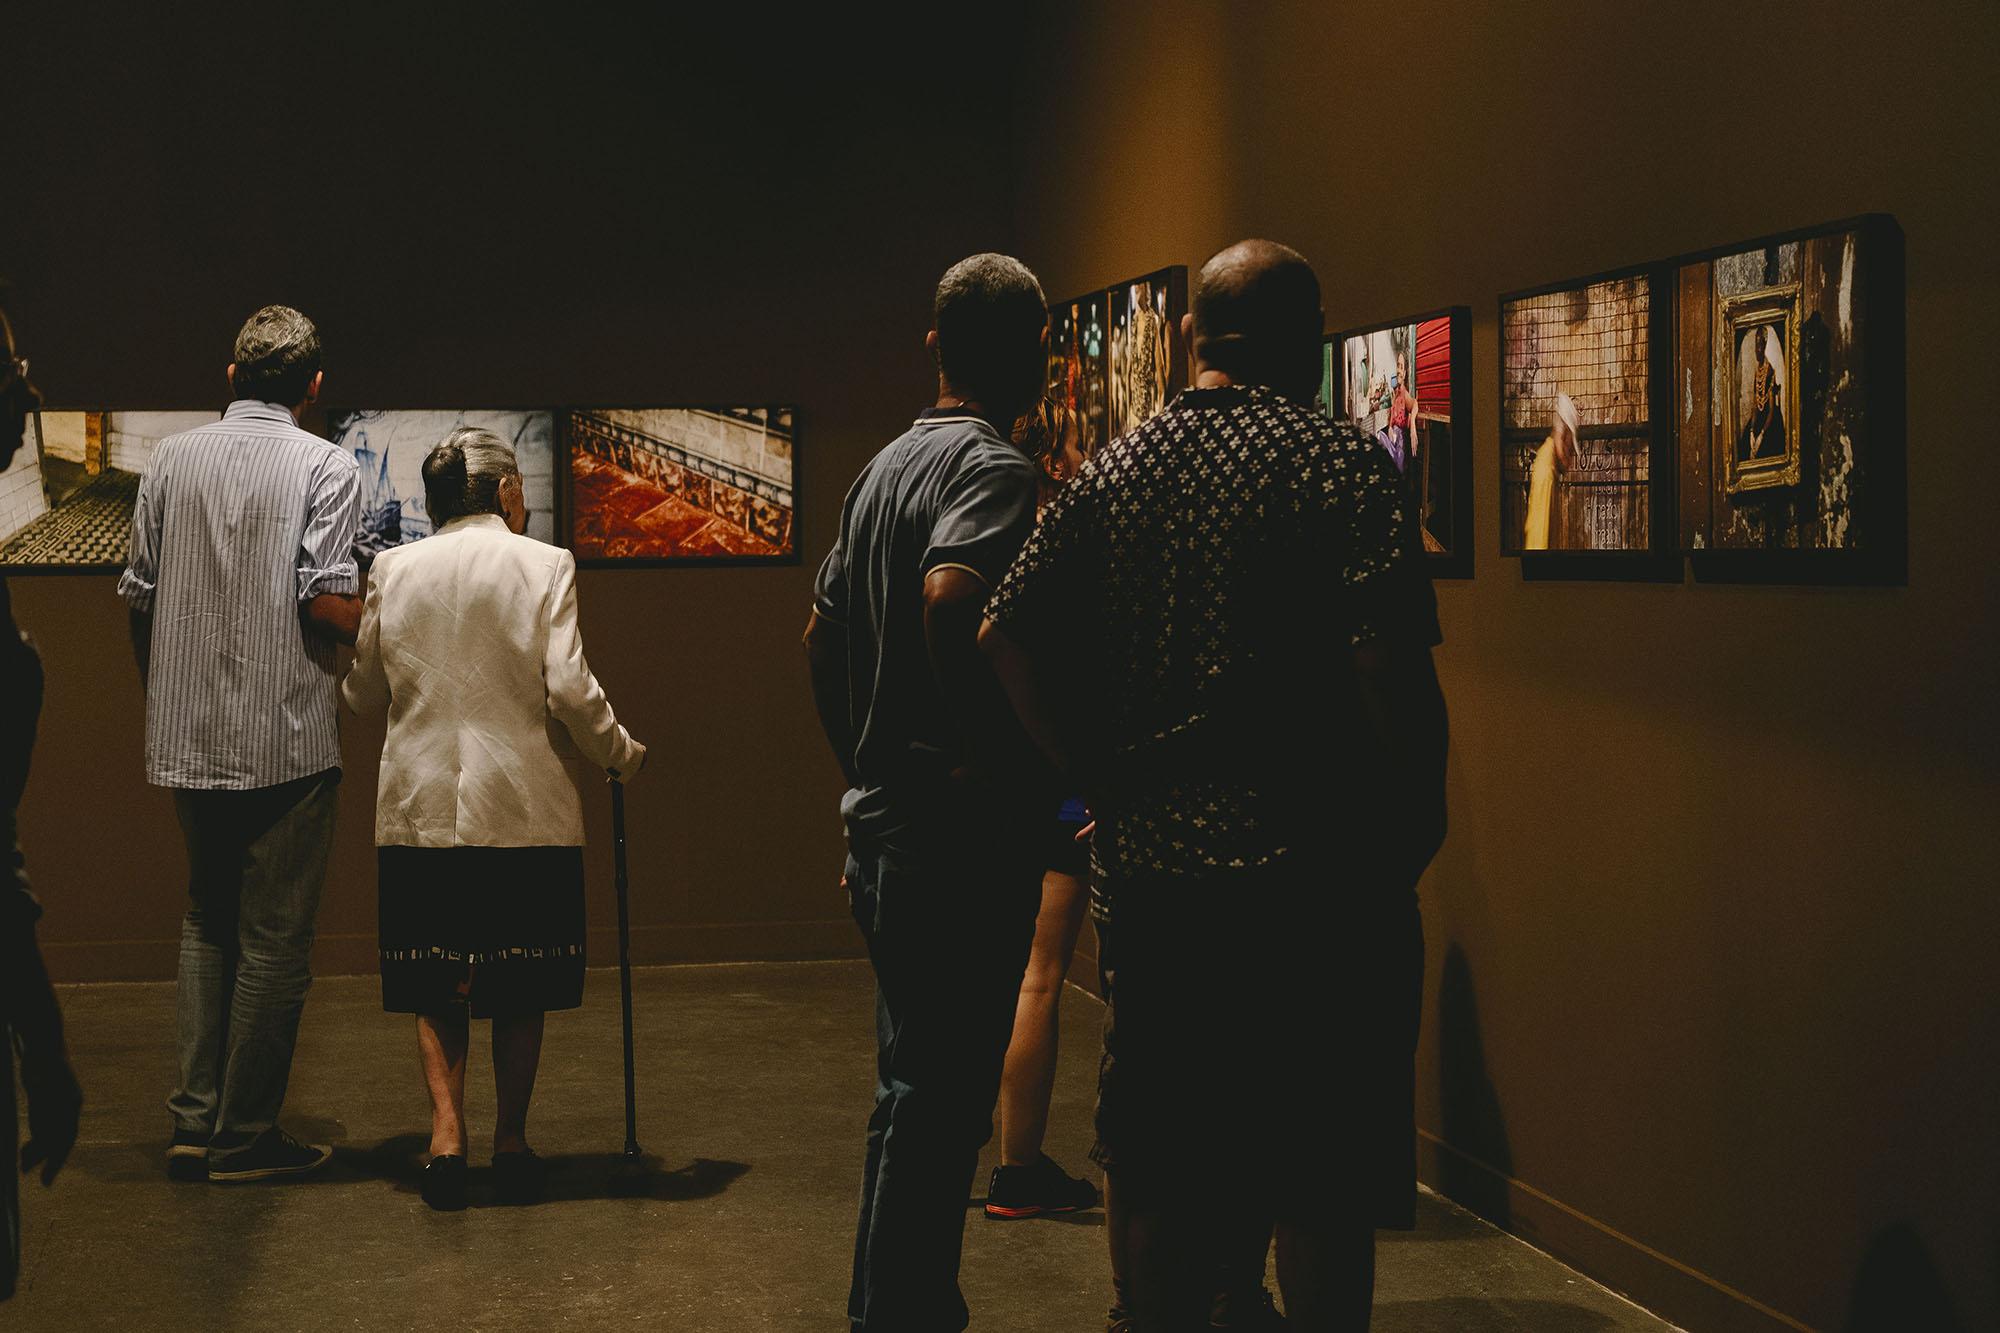 Visões-de-um-poema-sujo : exposição-lançamento-livro : Márcio Vasconcelos : Gustavo Semeghini : Blog -024.jpg